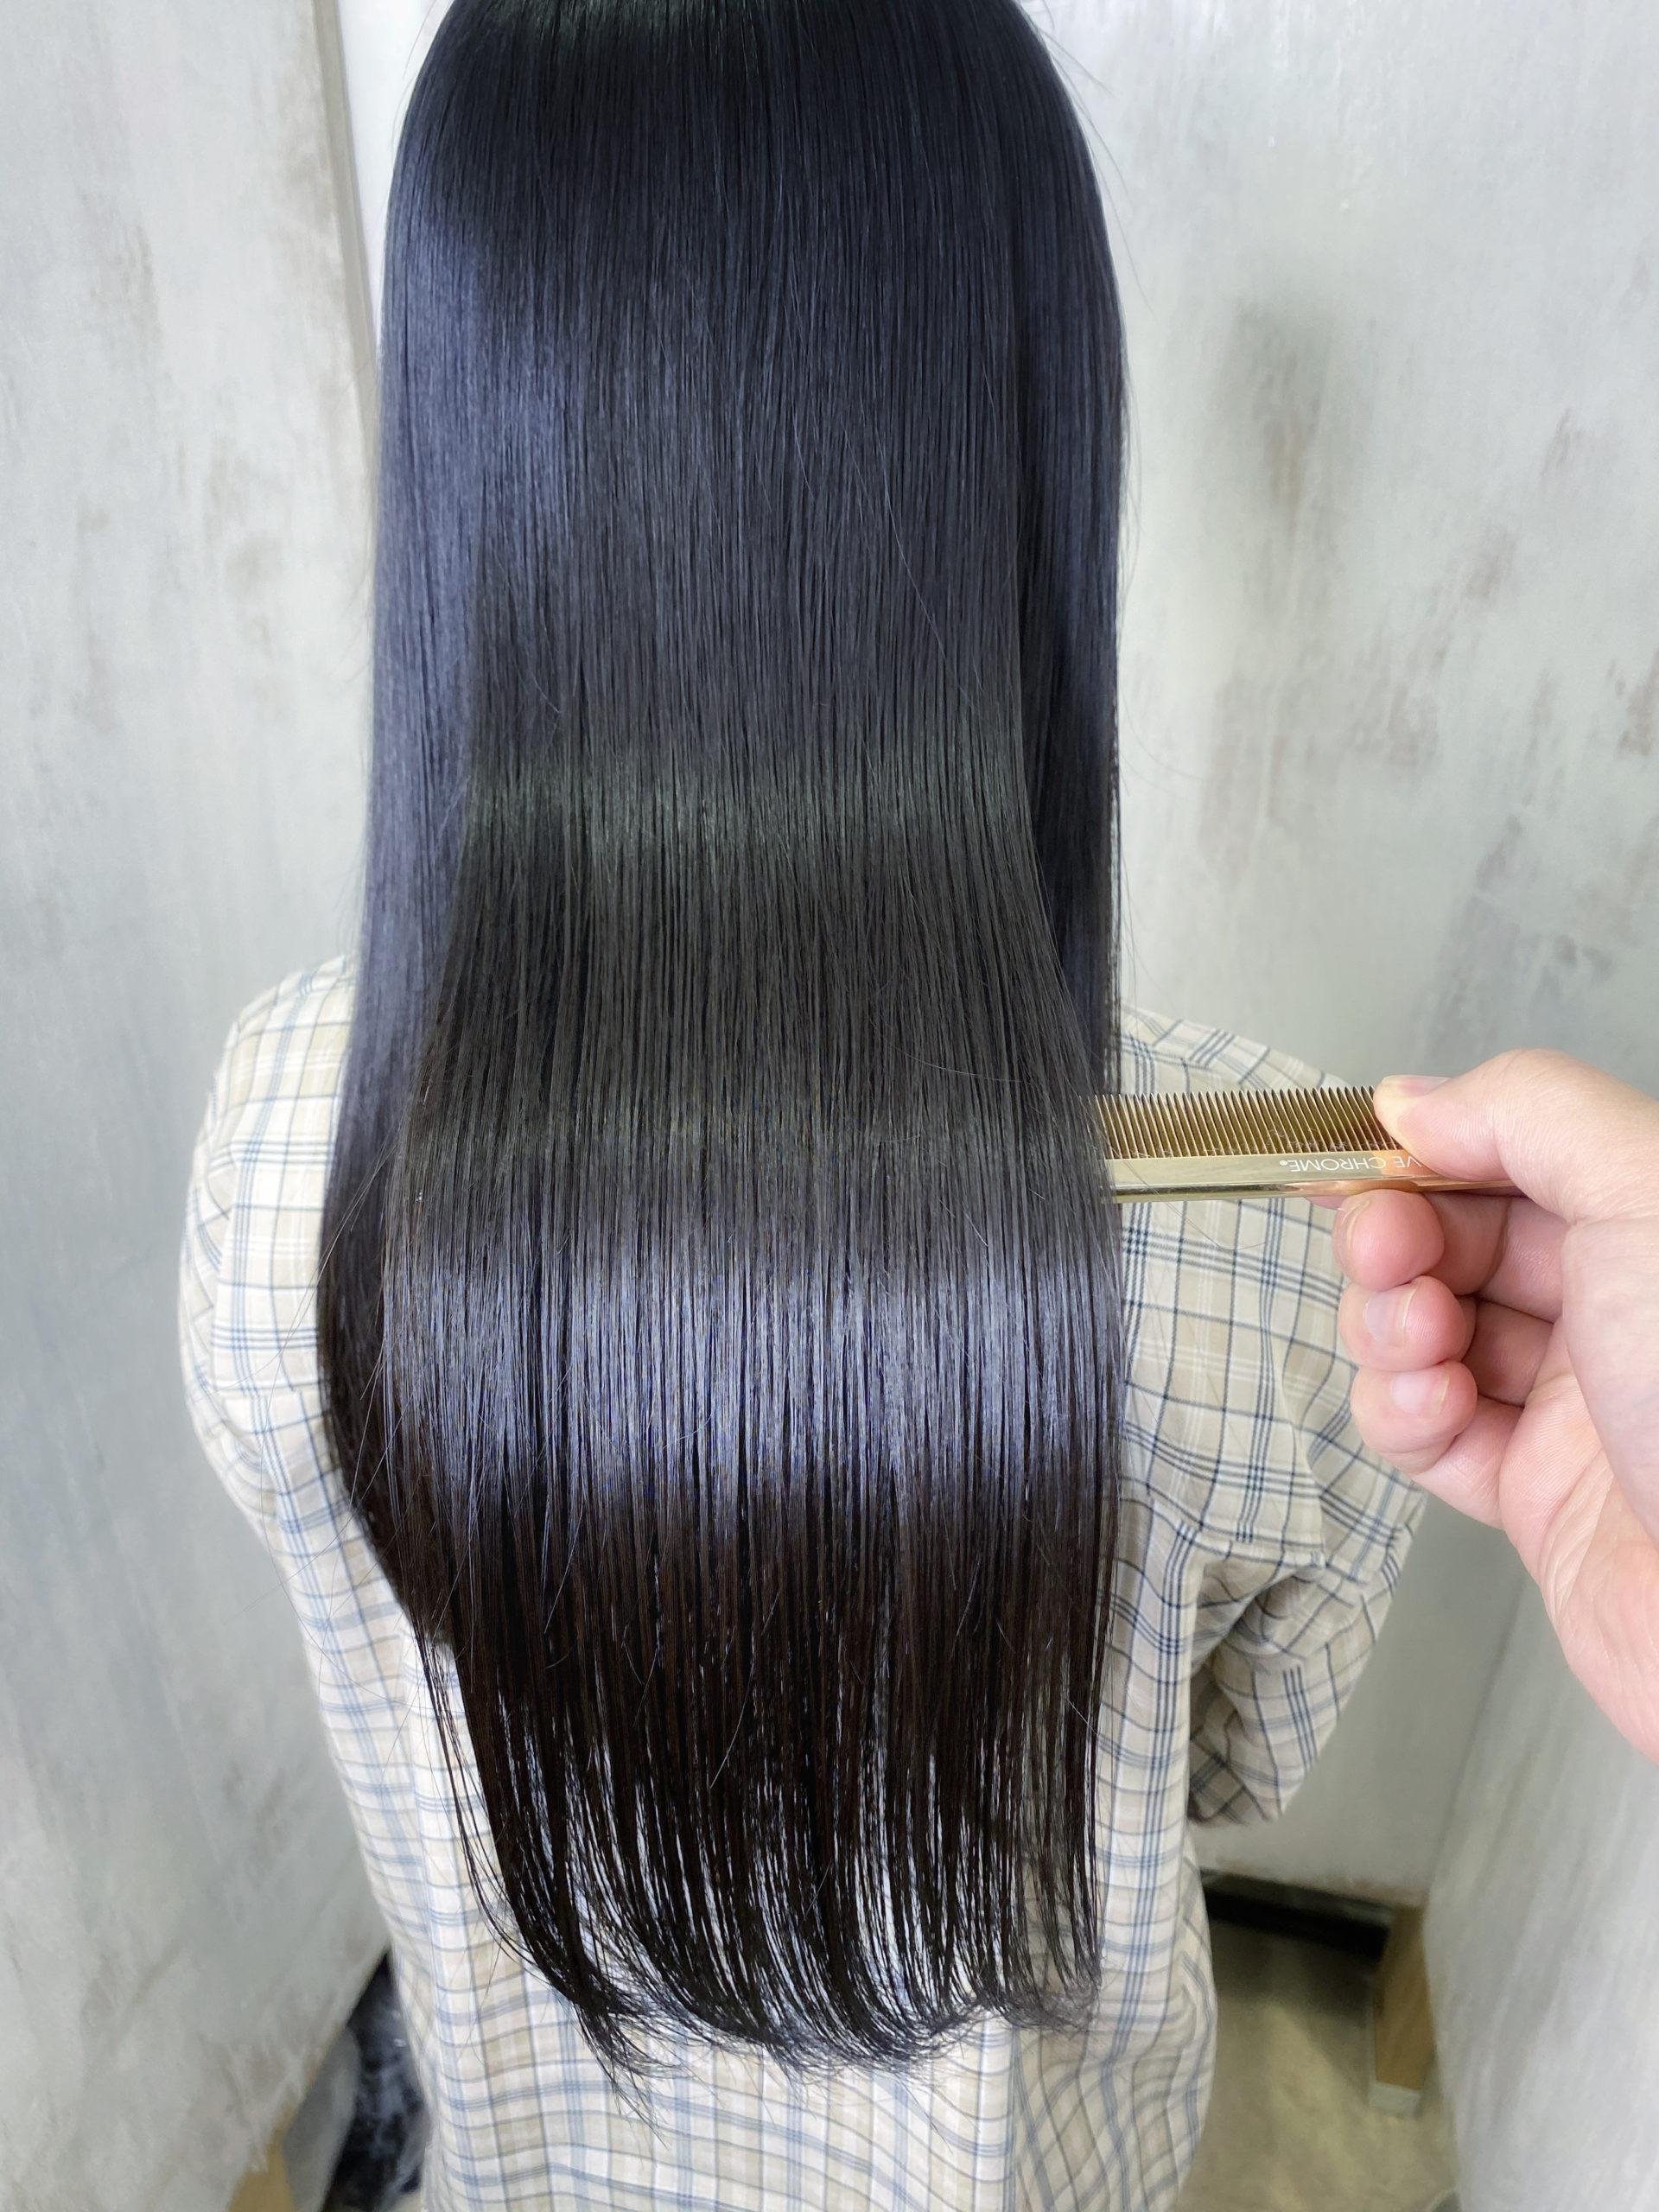 髪のパサつきが気になる方を【髪質改善】で艶髪に変身。原宿・表参道『髪のお悩みを解決するヘアケア美容師の挑戦』